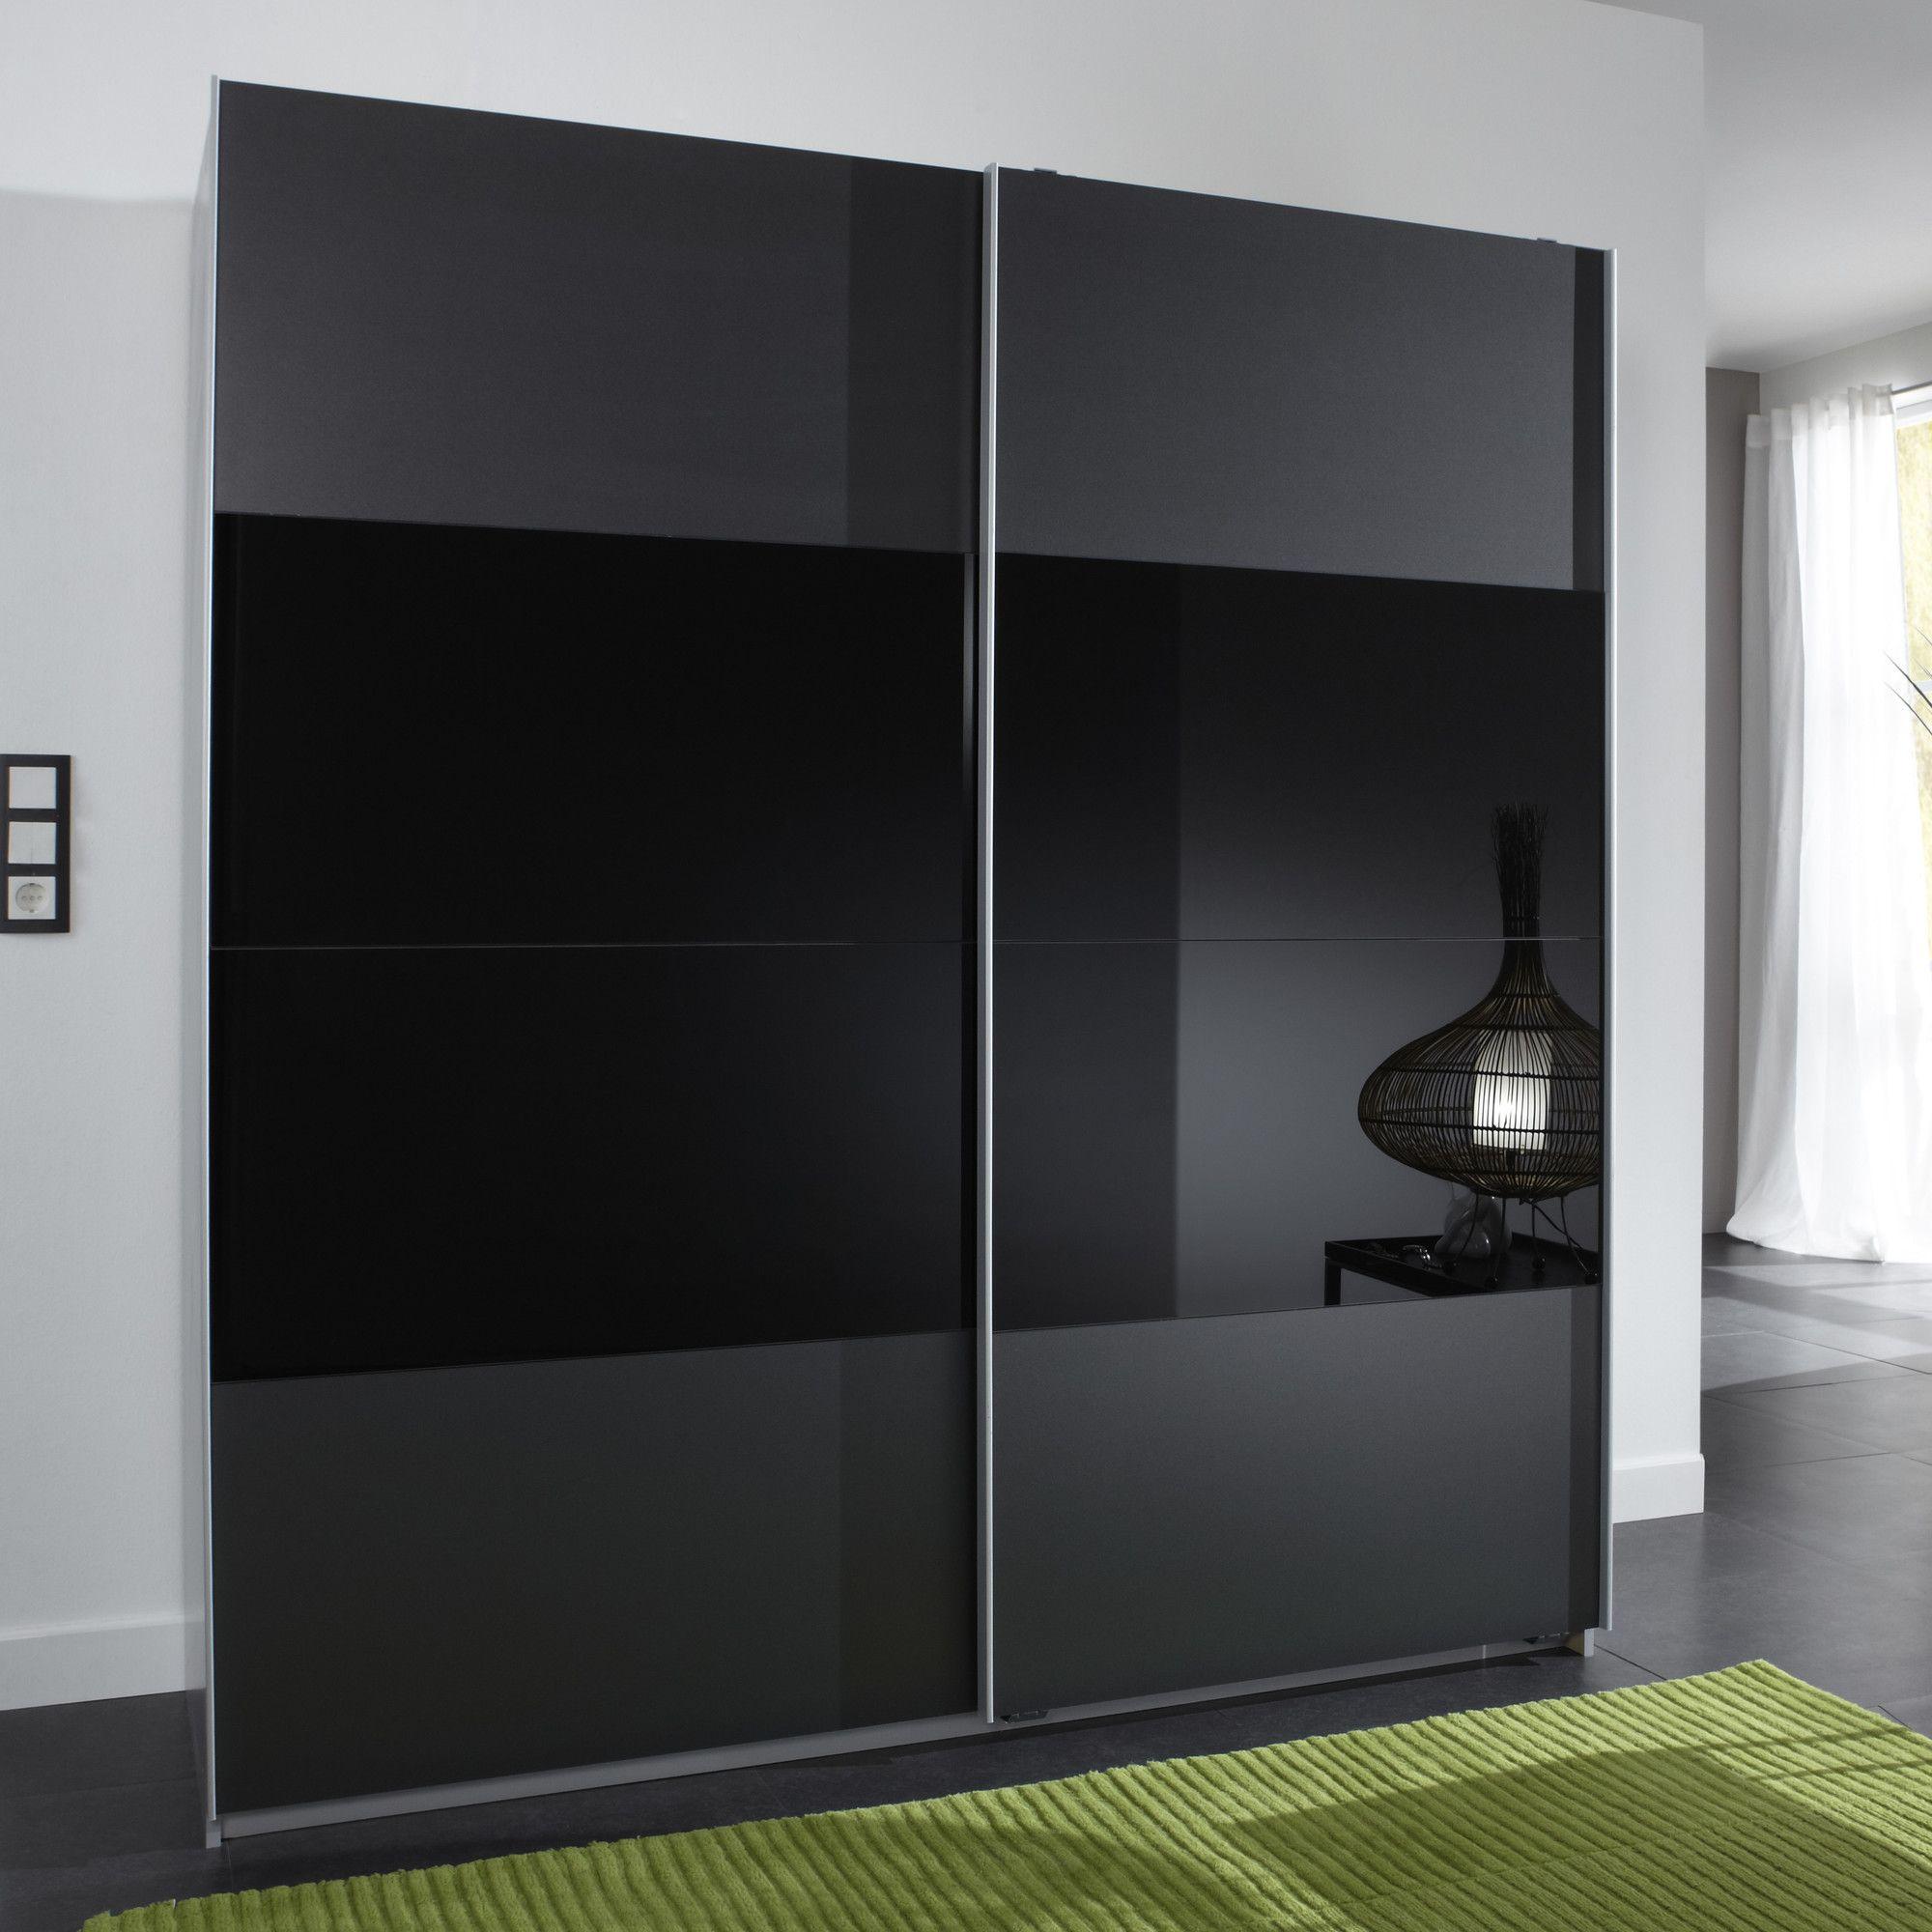 Amos Mann furniture Munich 2 Door Sliding German Wardrobe - Black at Tesco Direct